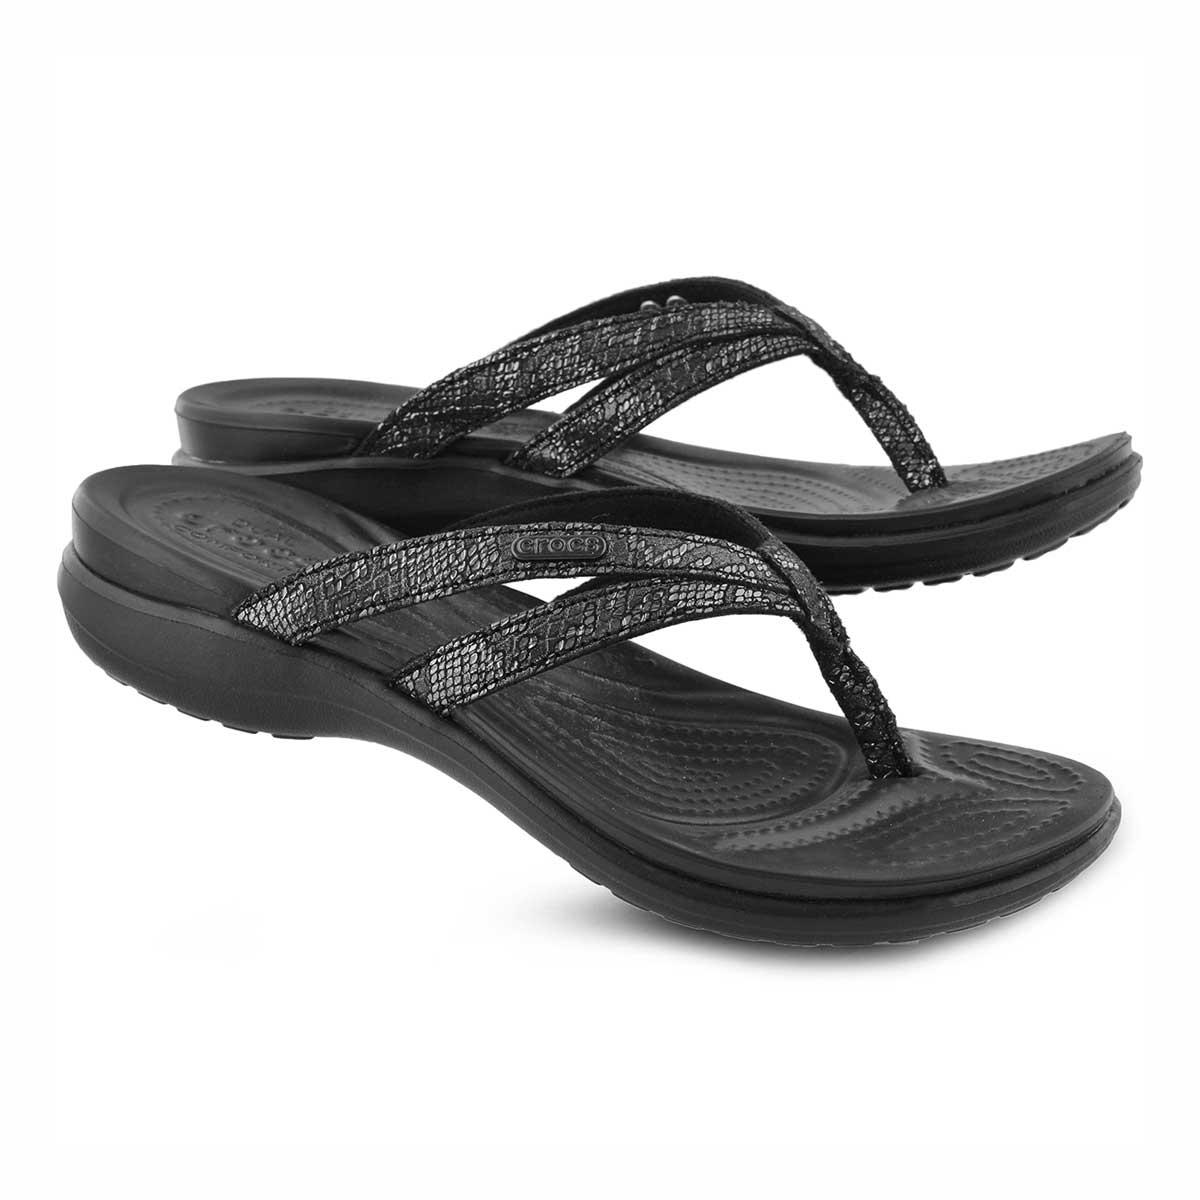 Women's Capri Strappy Thong Sandal - Black